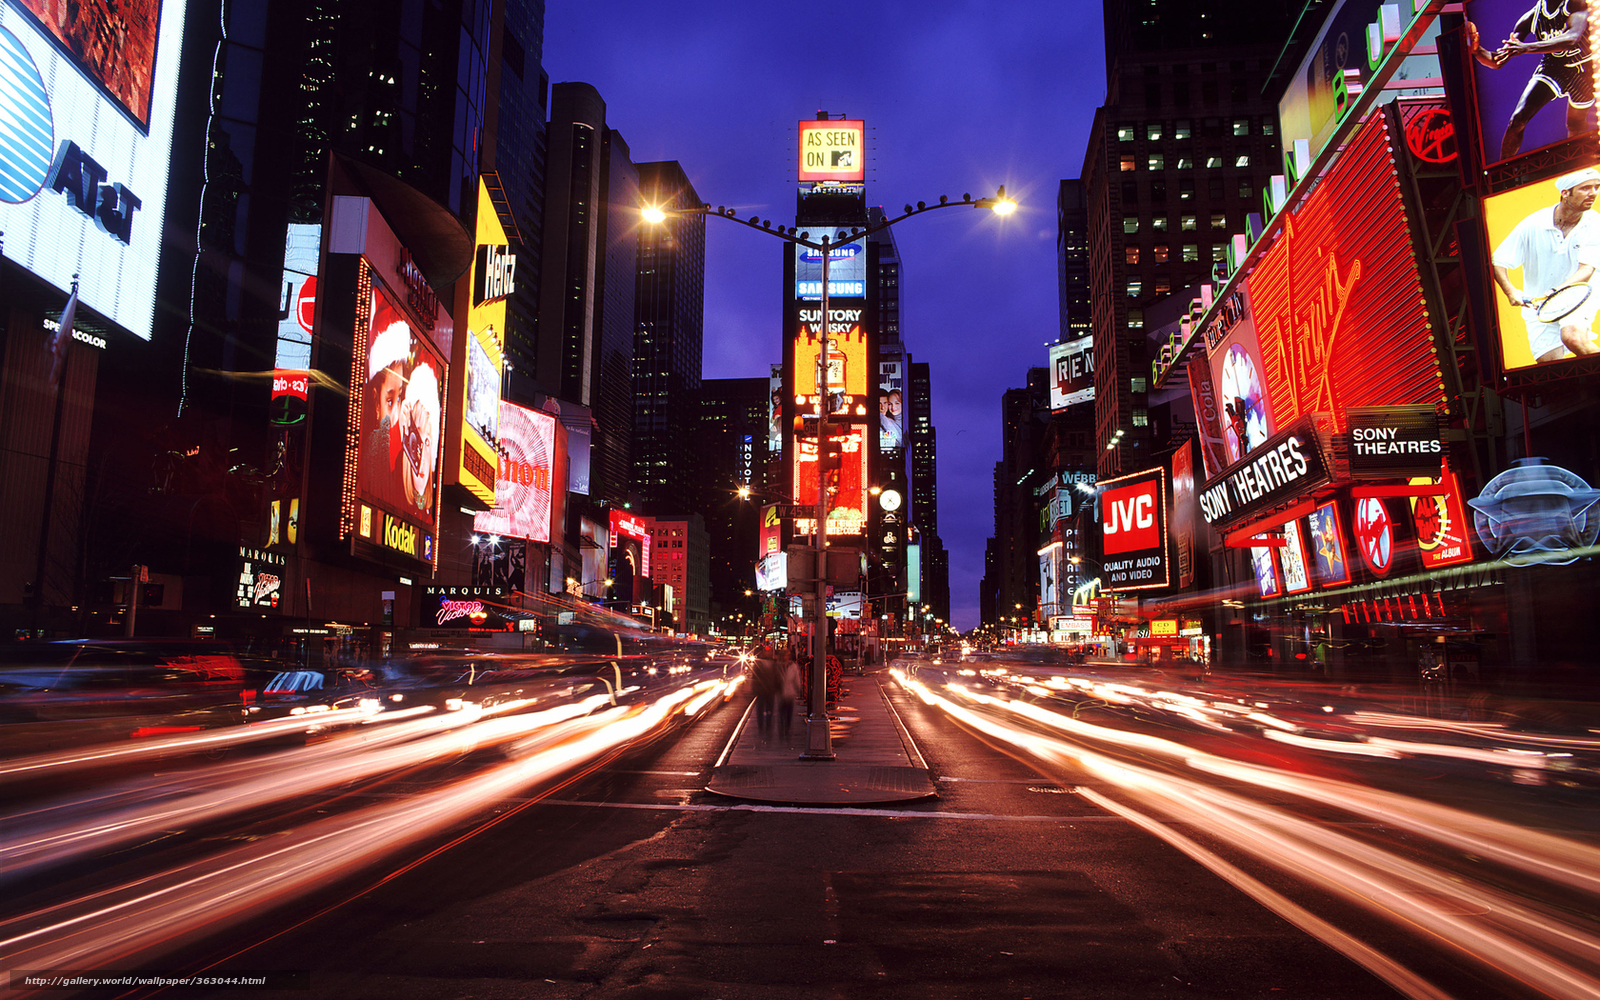 Tlcharger fond d 39 ecran new york times square ville la for Photo ecran times square